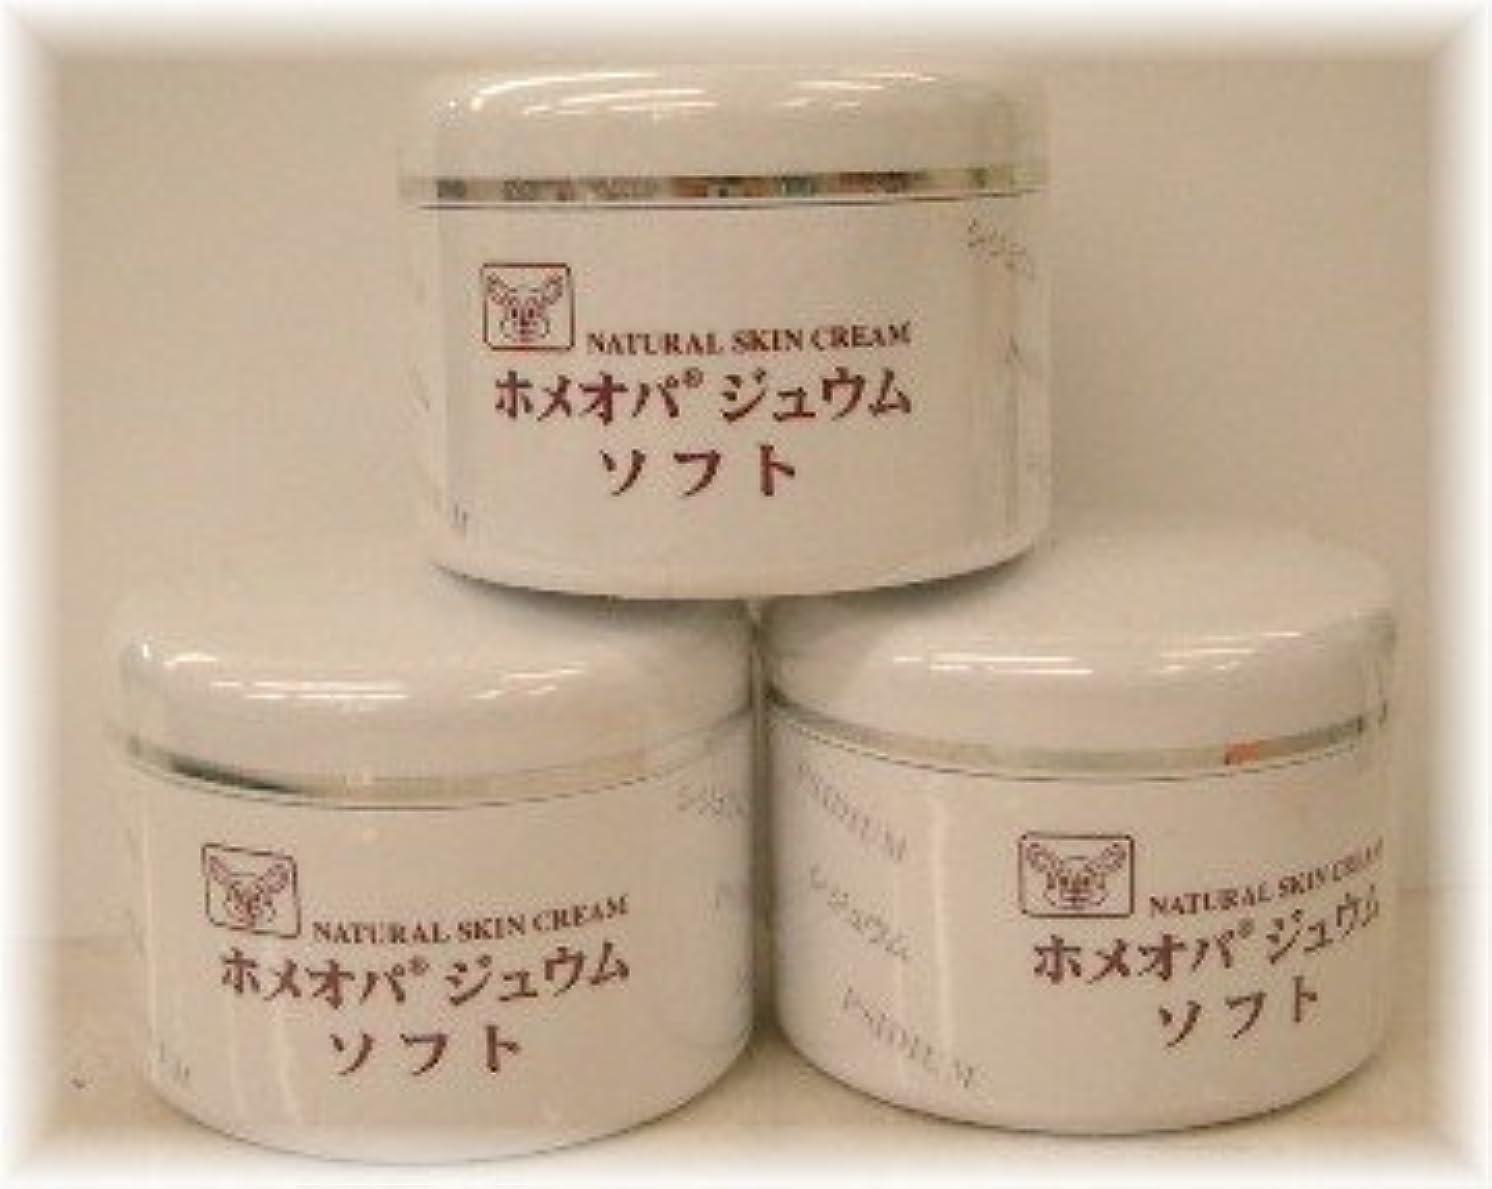 言い換えると難しい注文ホメオパジュウム スキンケア商品3点¥10500クリームソフトx3個